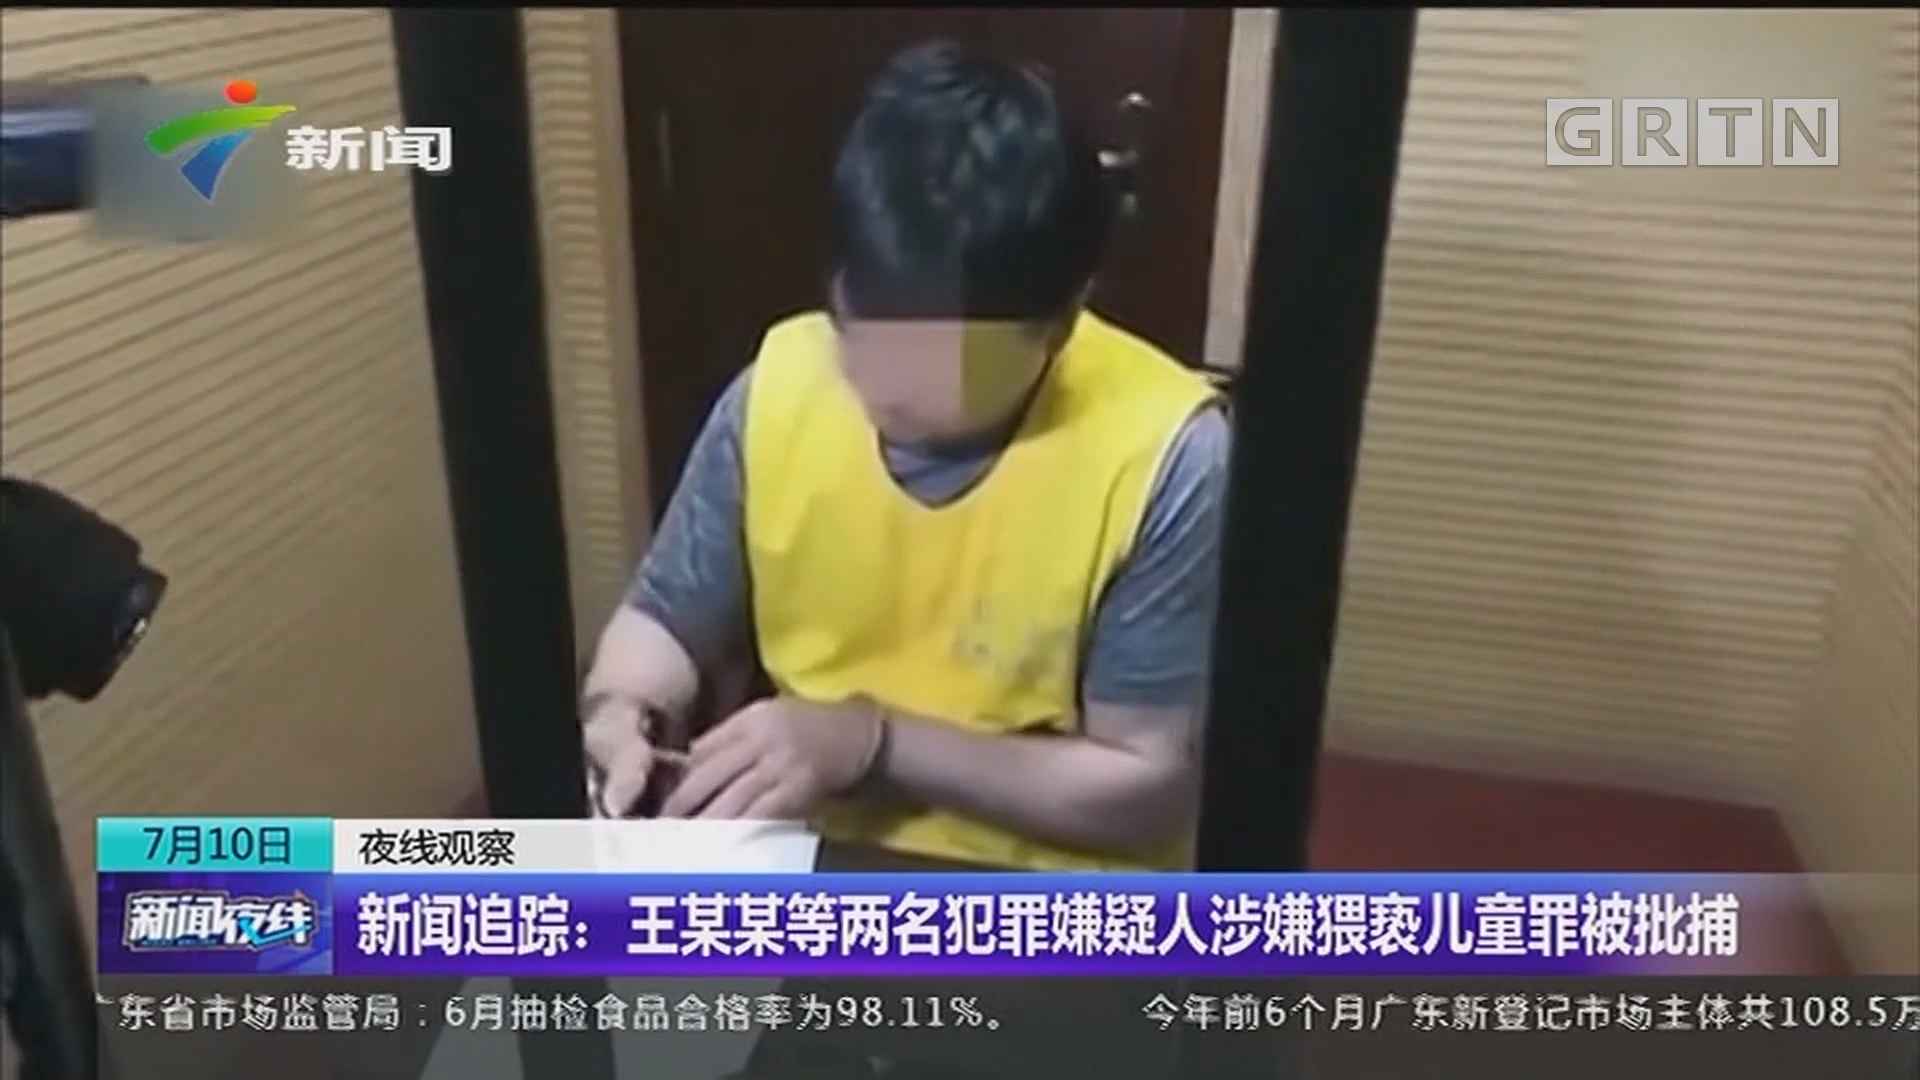 新闻追踪:王某某等两名犯罪嫌疑人涉嫌猥亵儿童罪被批捕